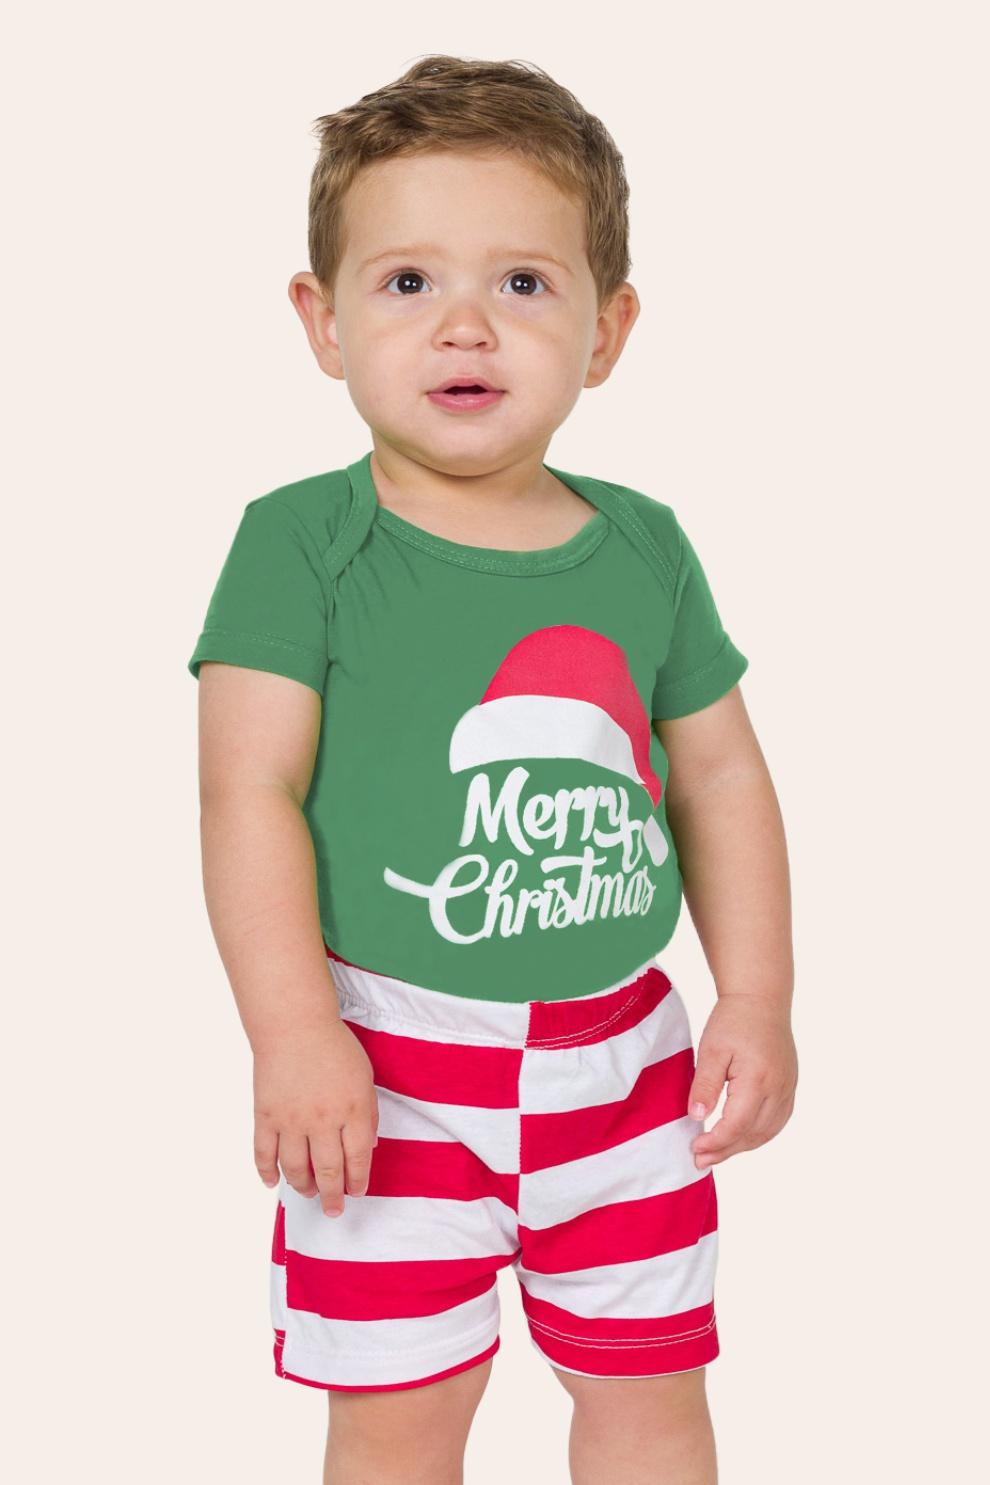 047/G - Pijama de Natal Merry Christmas para Família - Bebê Unissex